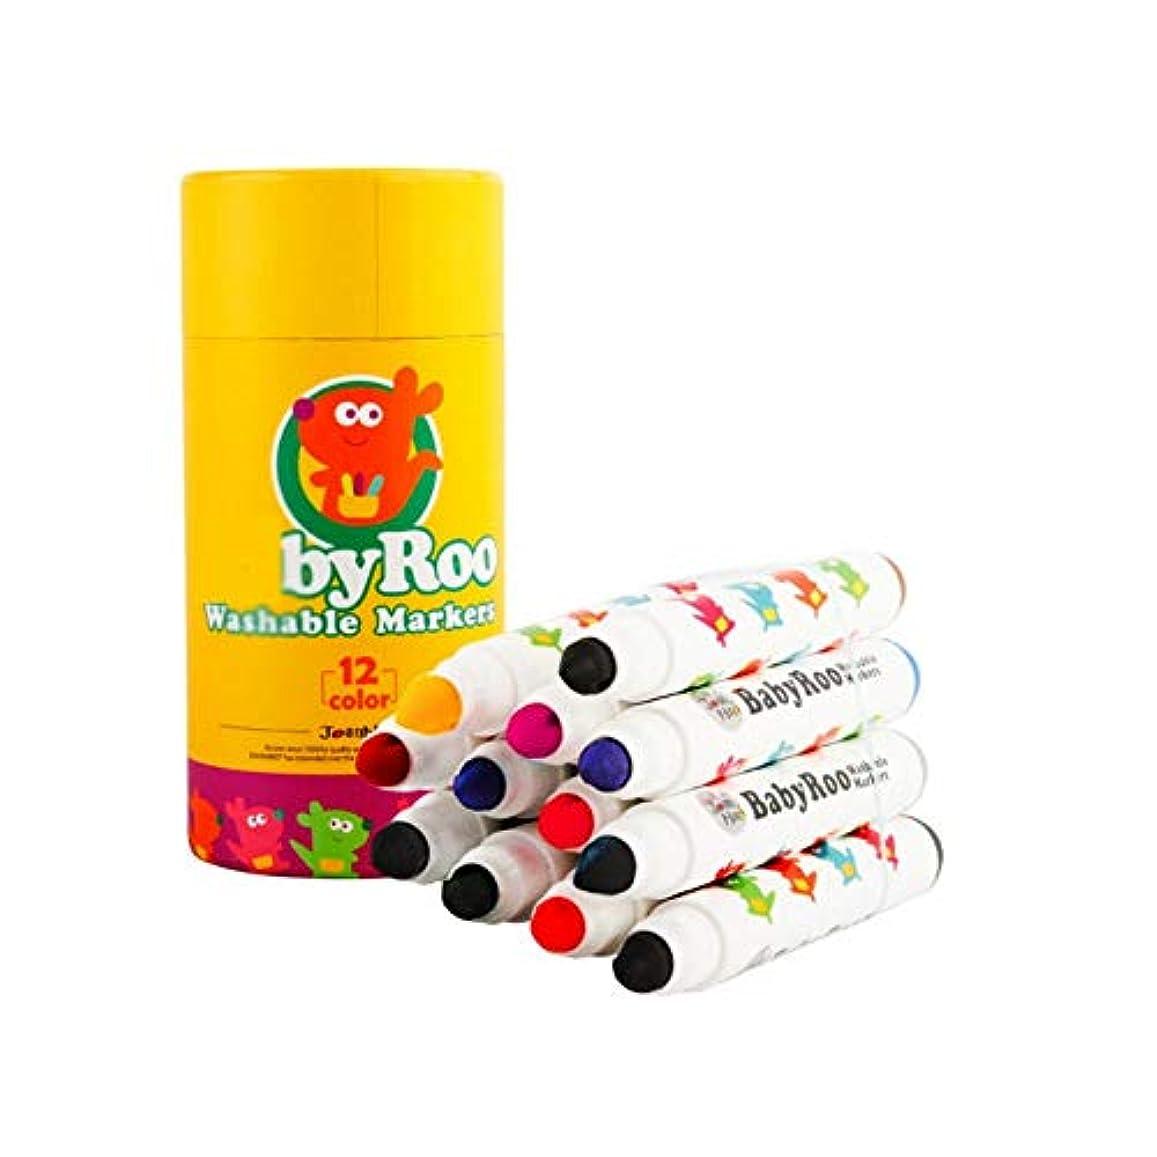 叱るドリンクスイングBoyuanweiye001 ペイントブラシ、12色、ペイント/グラフィティなどに適した3種類のブラシは、ペイントアート、洗える丸ペンペイントツール(クレヨン、先のとがった、丸い頭、12色)に使用できます 持ち運びが簡単 (Color : 12 colors, Size : Pointed)